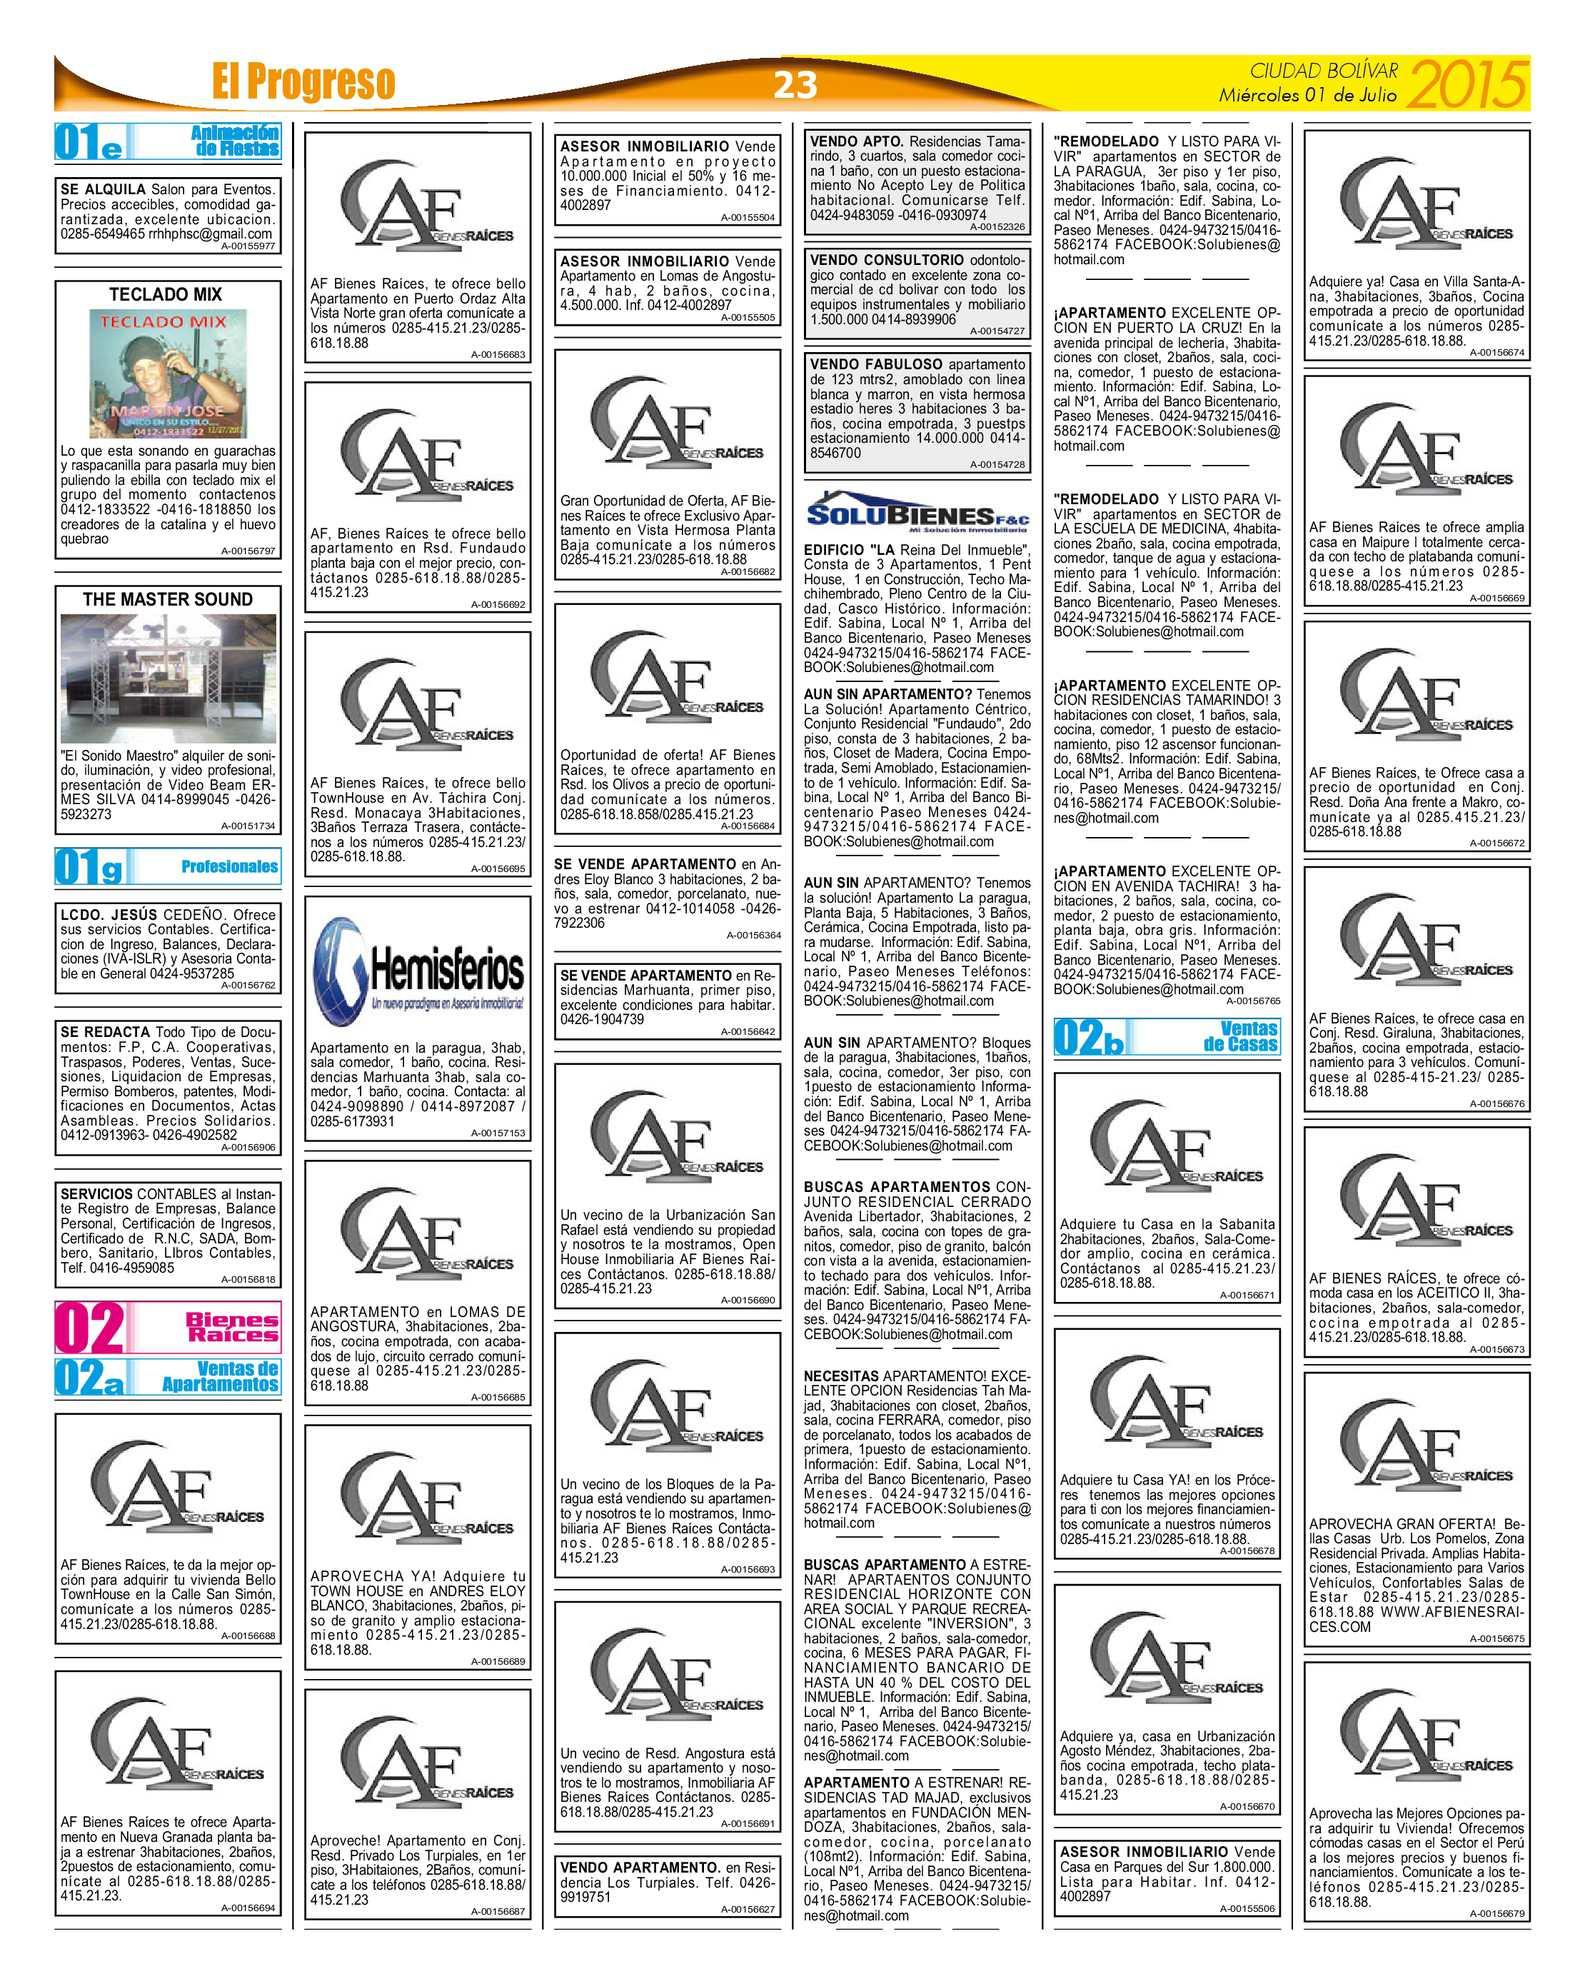 DiarioelprogresoEDICIÓNDIGITAL 01-07-2015 - CALAMEO Downloader